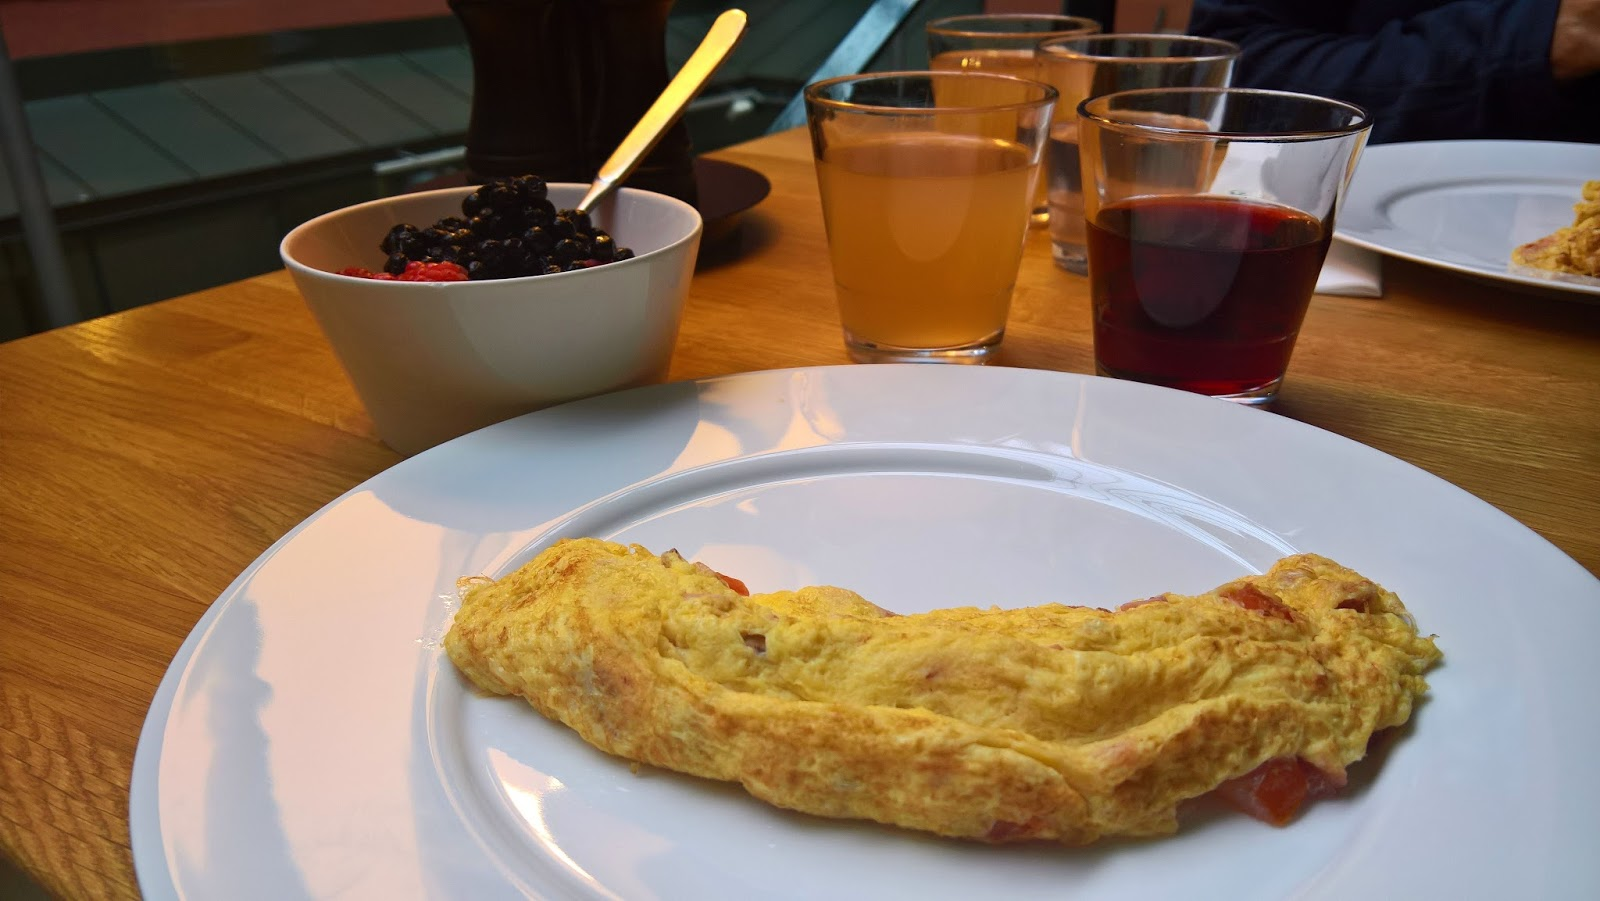 Hotelli Verso suomalainen aamiainen jyväskylä mallaspulla munakas